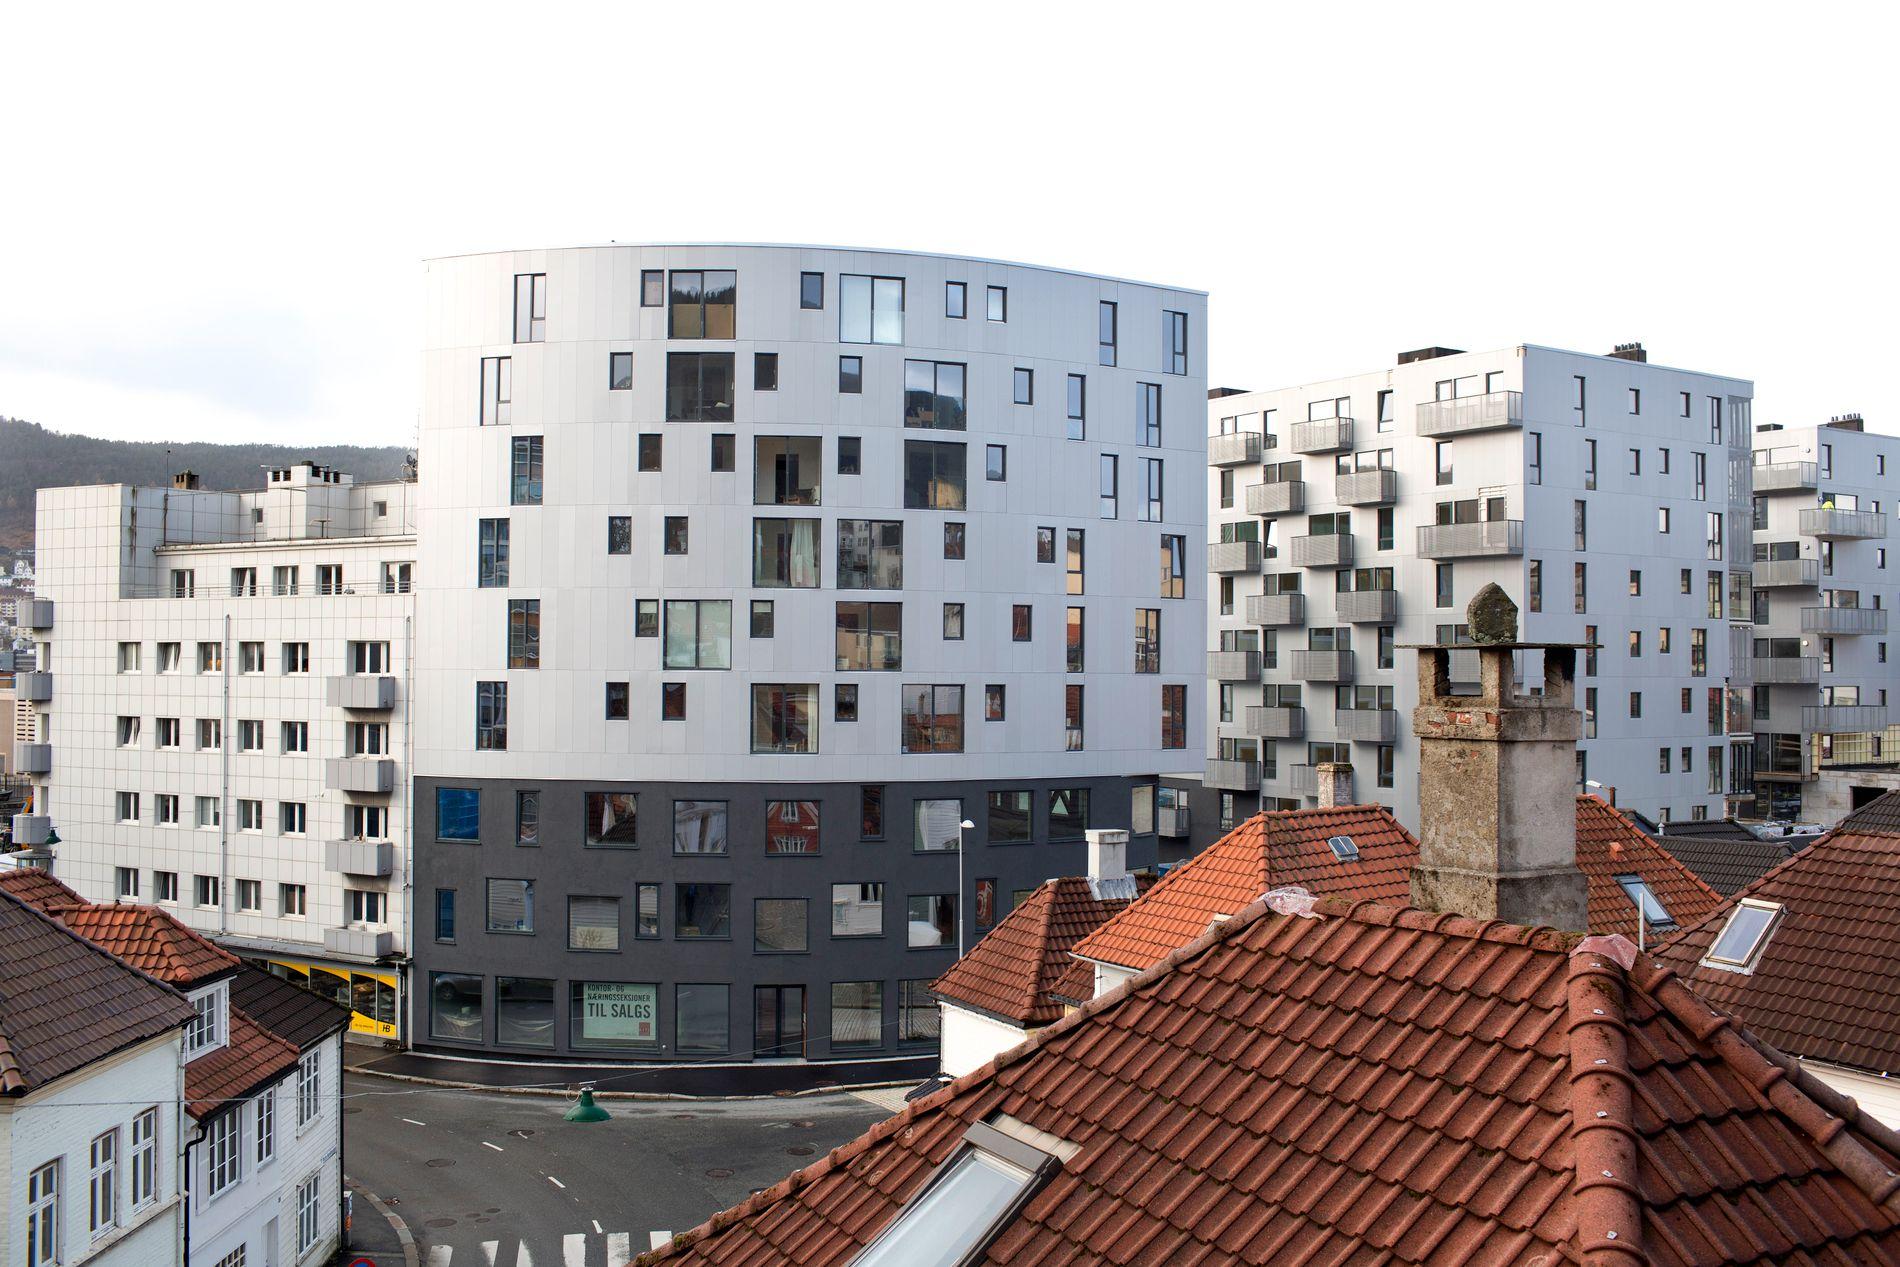 INNESPERRET: Nøstet Panorama har allerede brukt opp kvoten for tung utbygging, og vel så det. Nå er det på tide å verne om de historiske bygningene som står igjen, mener Susanne Urban.